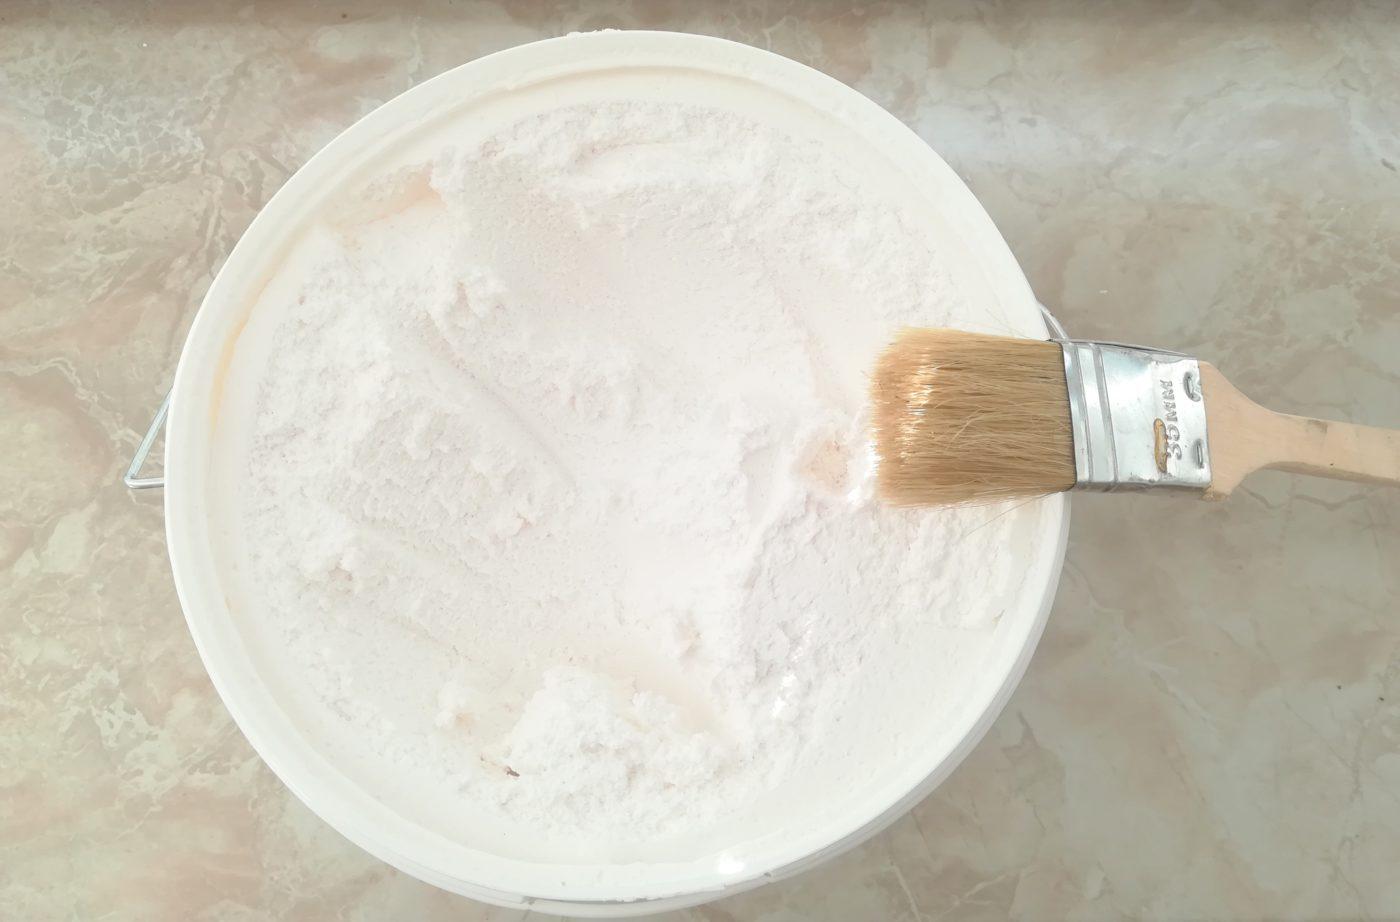 thermopaste gegen schimmel